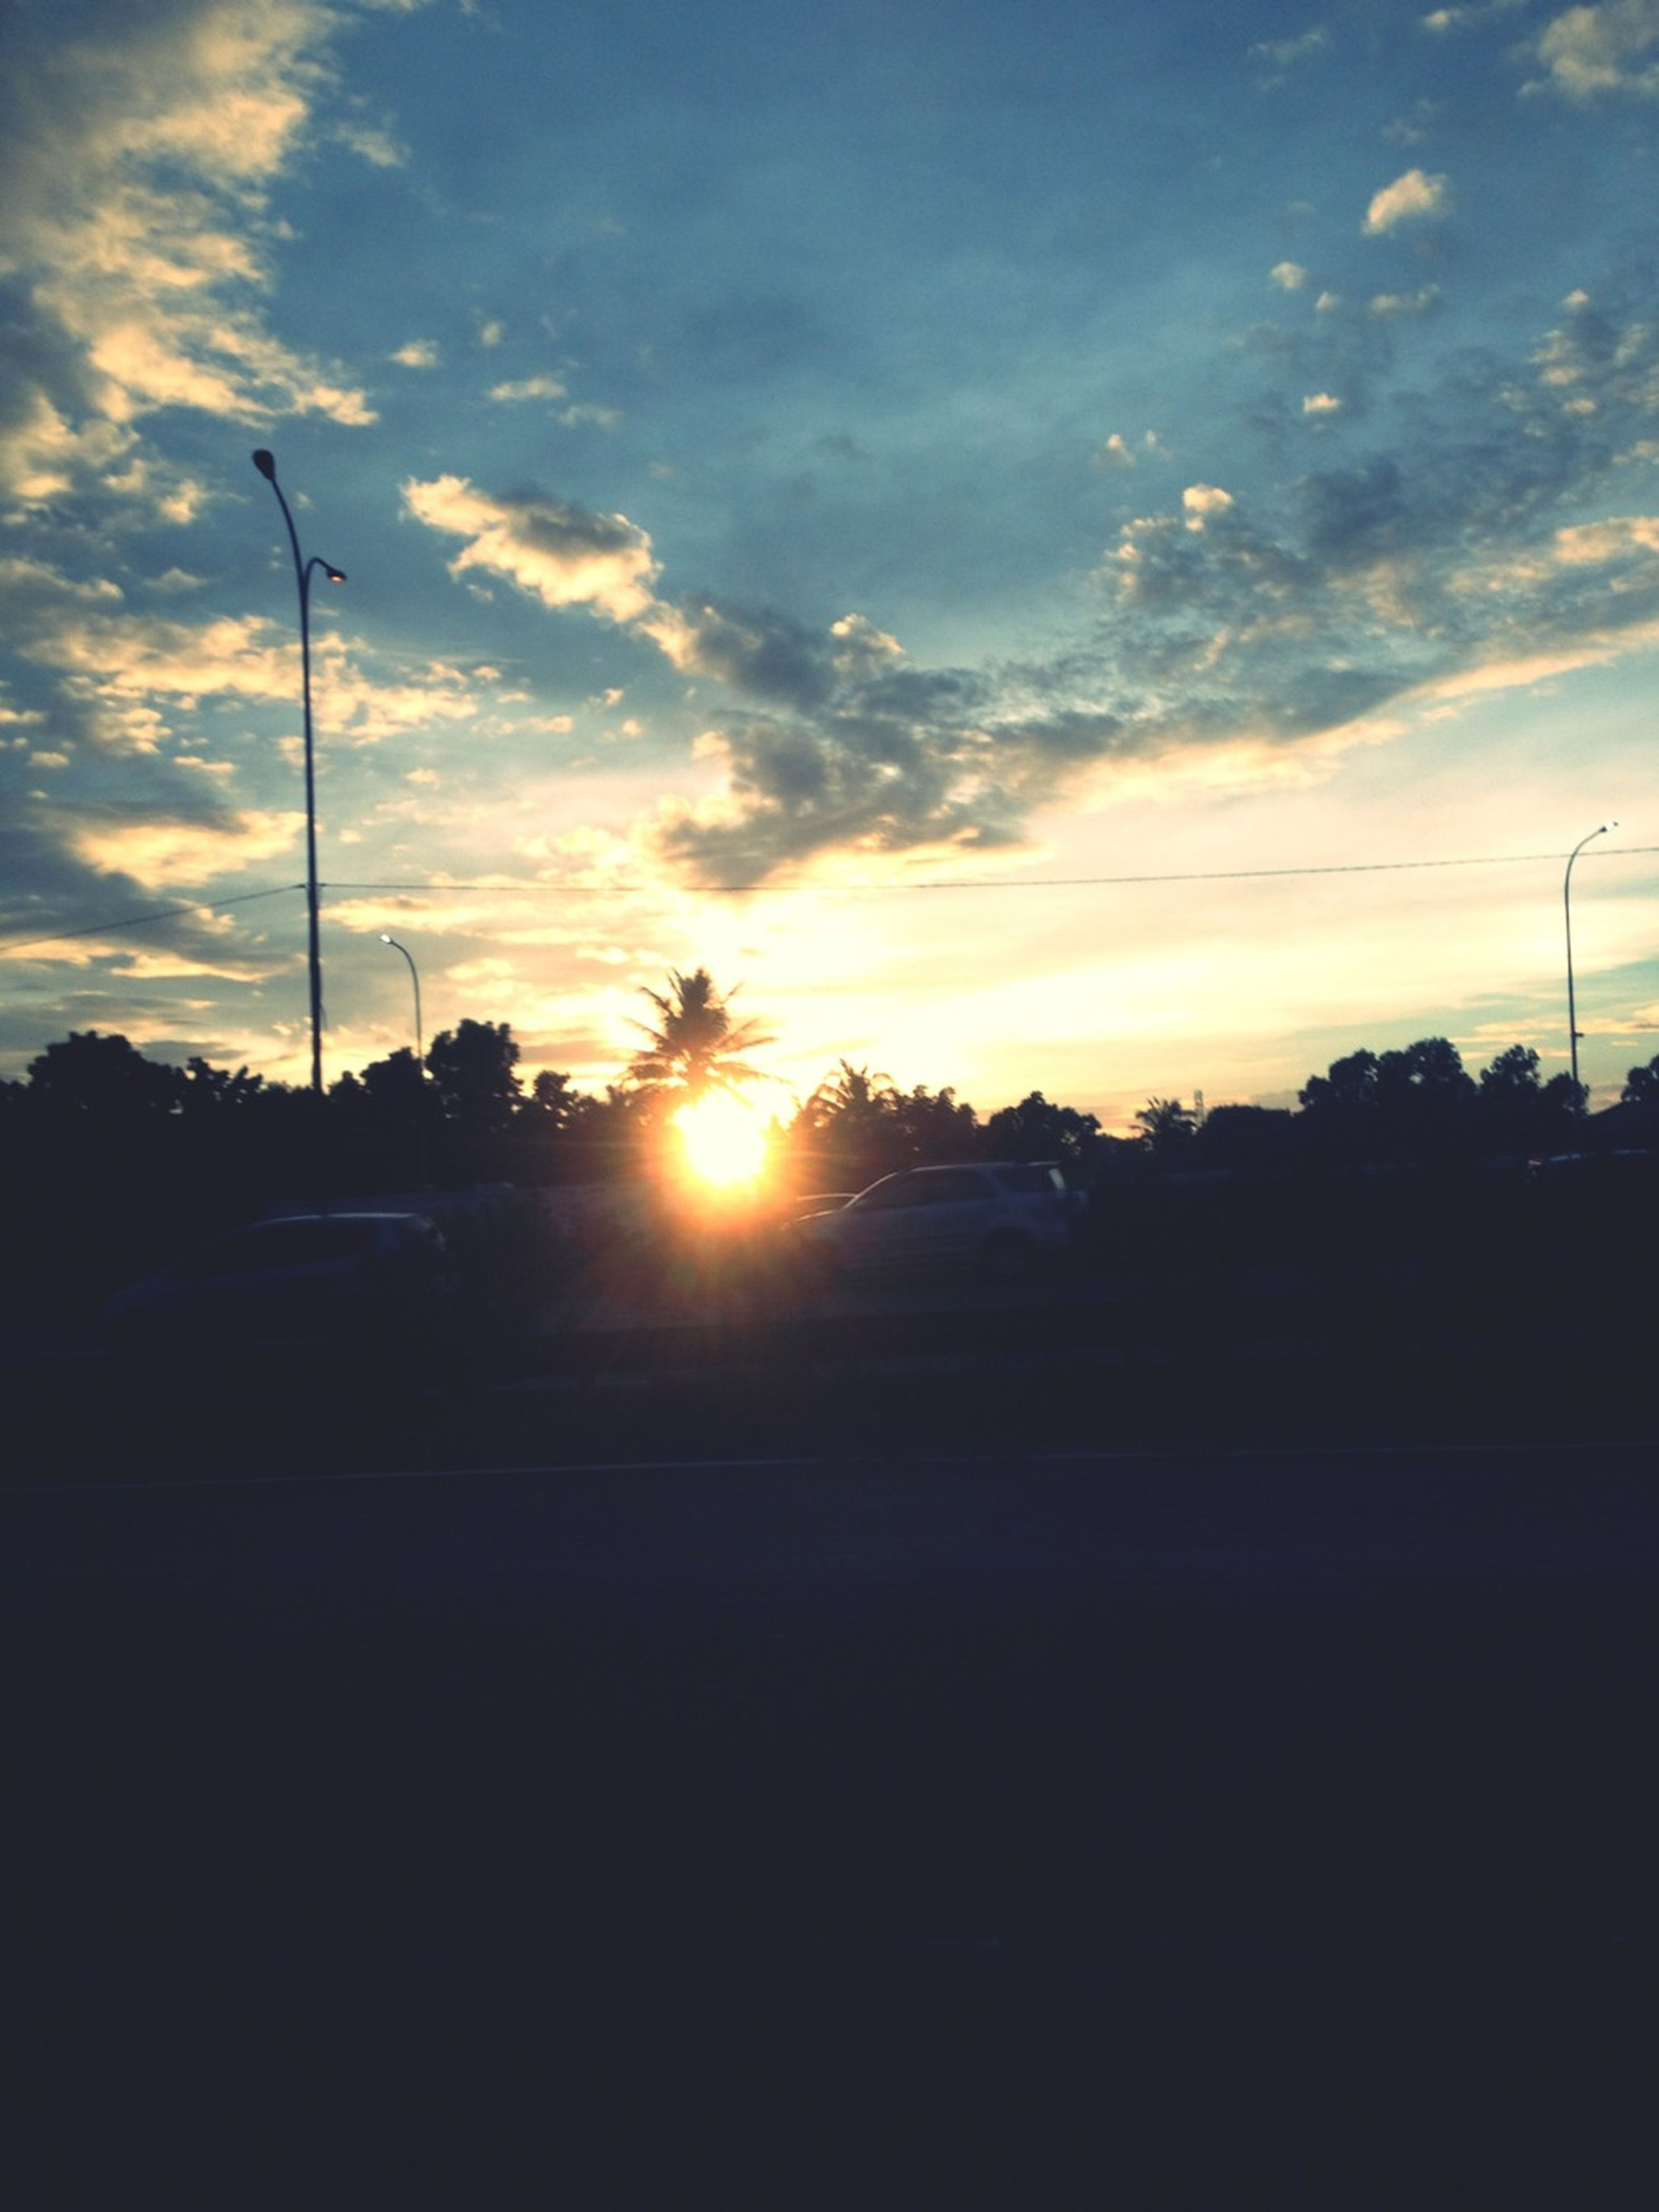 sunset, silhouette, sun, sky, street light, cloud - sky, tree, orange color, sunlight, road, scenics, tranquility, tranquil scene, beauty in nature, nature, sunbeam, transportation, cloud, electricity pylon, dark